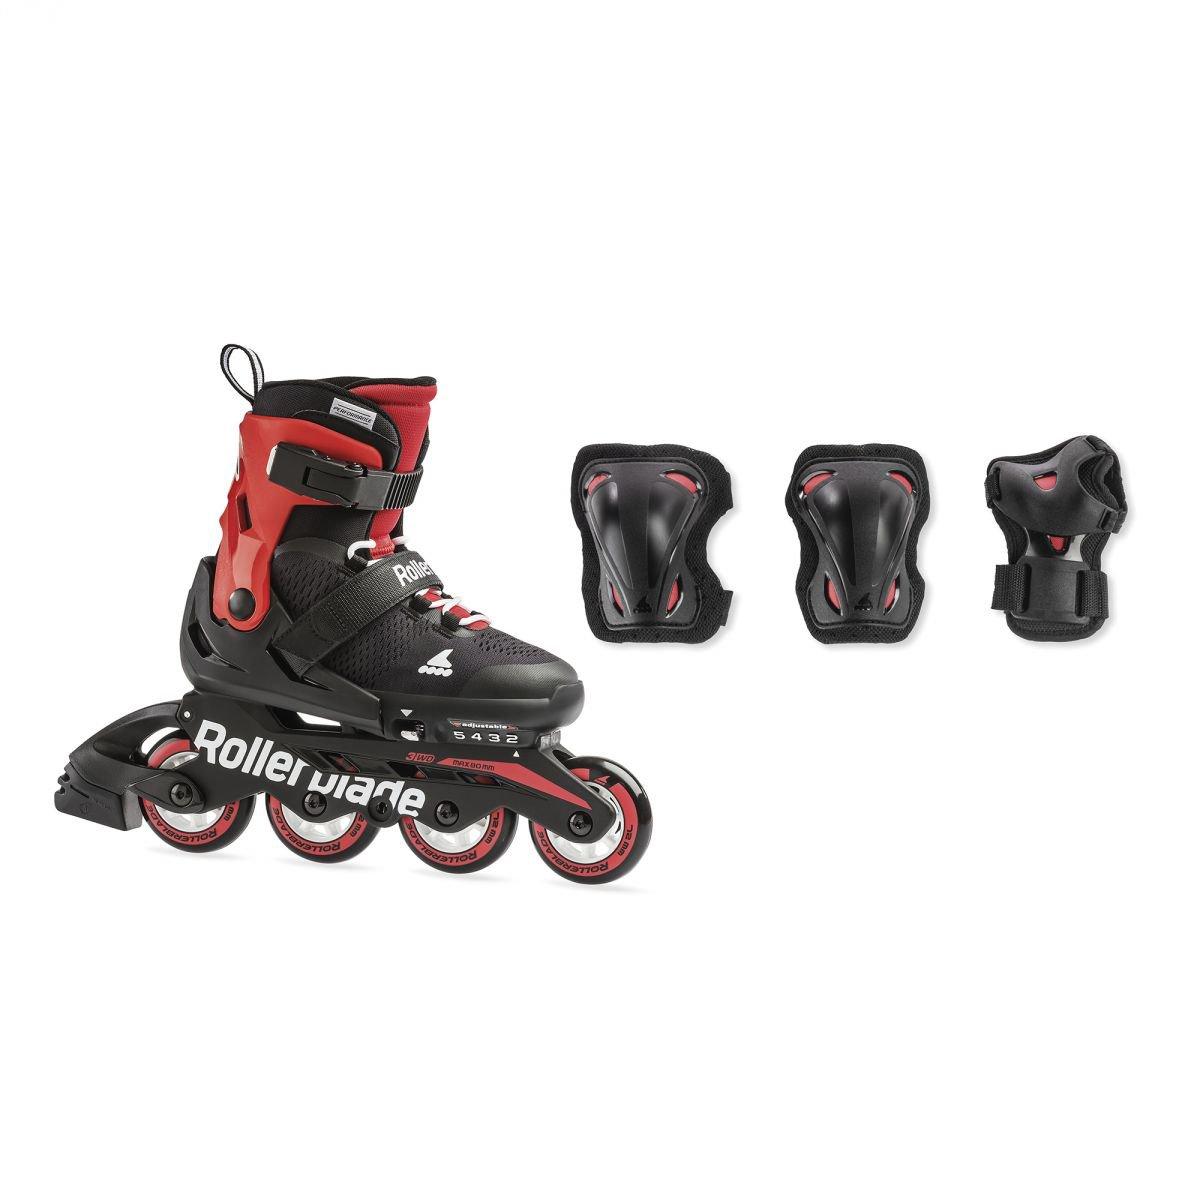 Details Schutzausrüstung Inlineskates SCHONERSET zu für Set Jugendliche Rollerblade Kinder 13TJlFKc